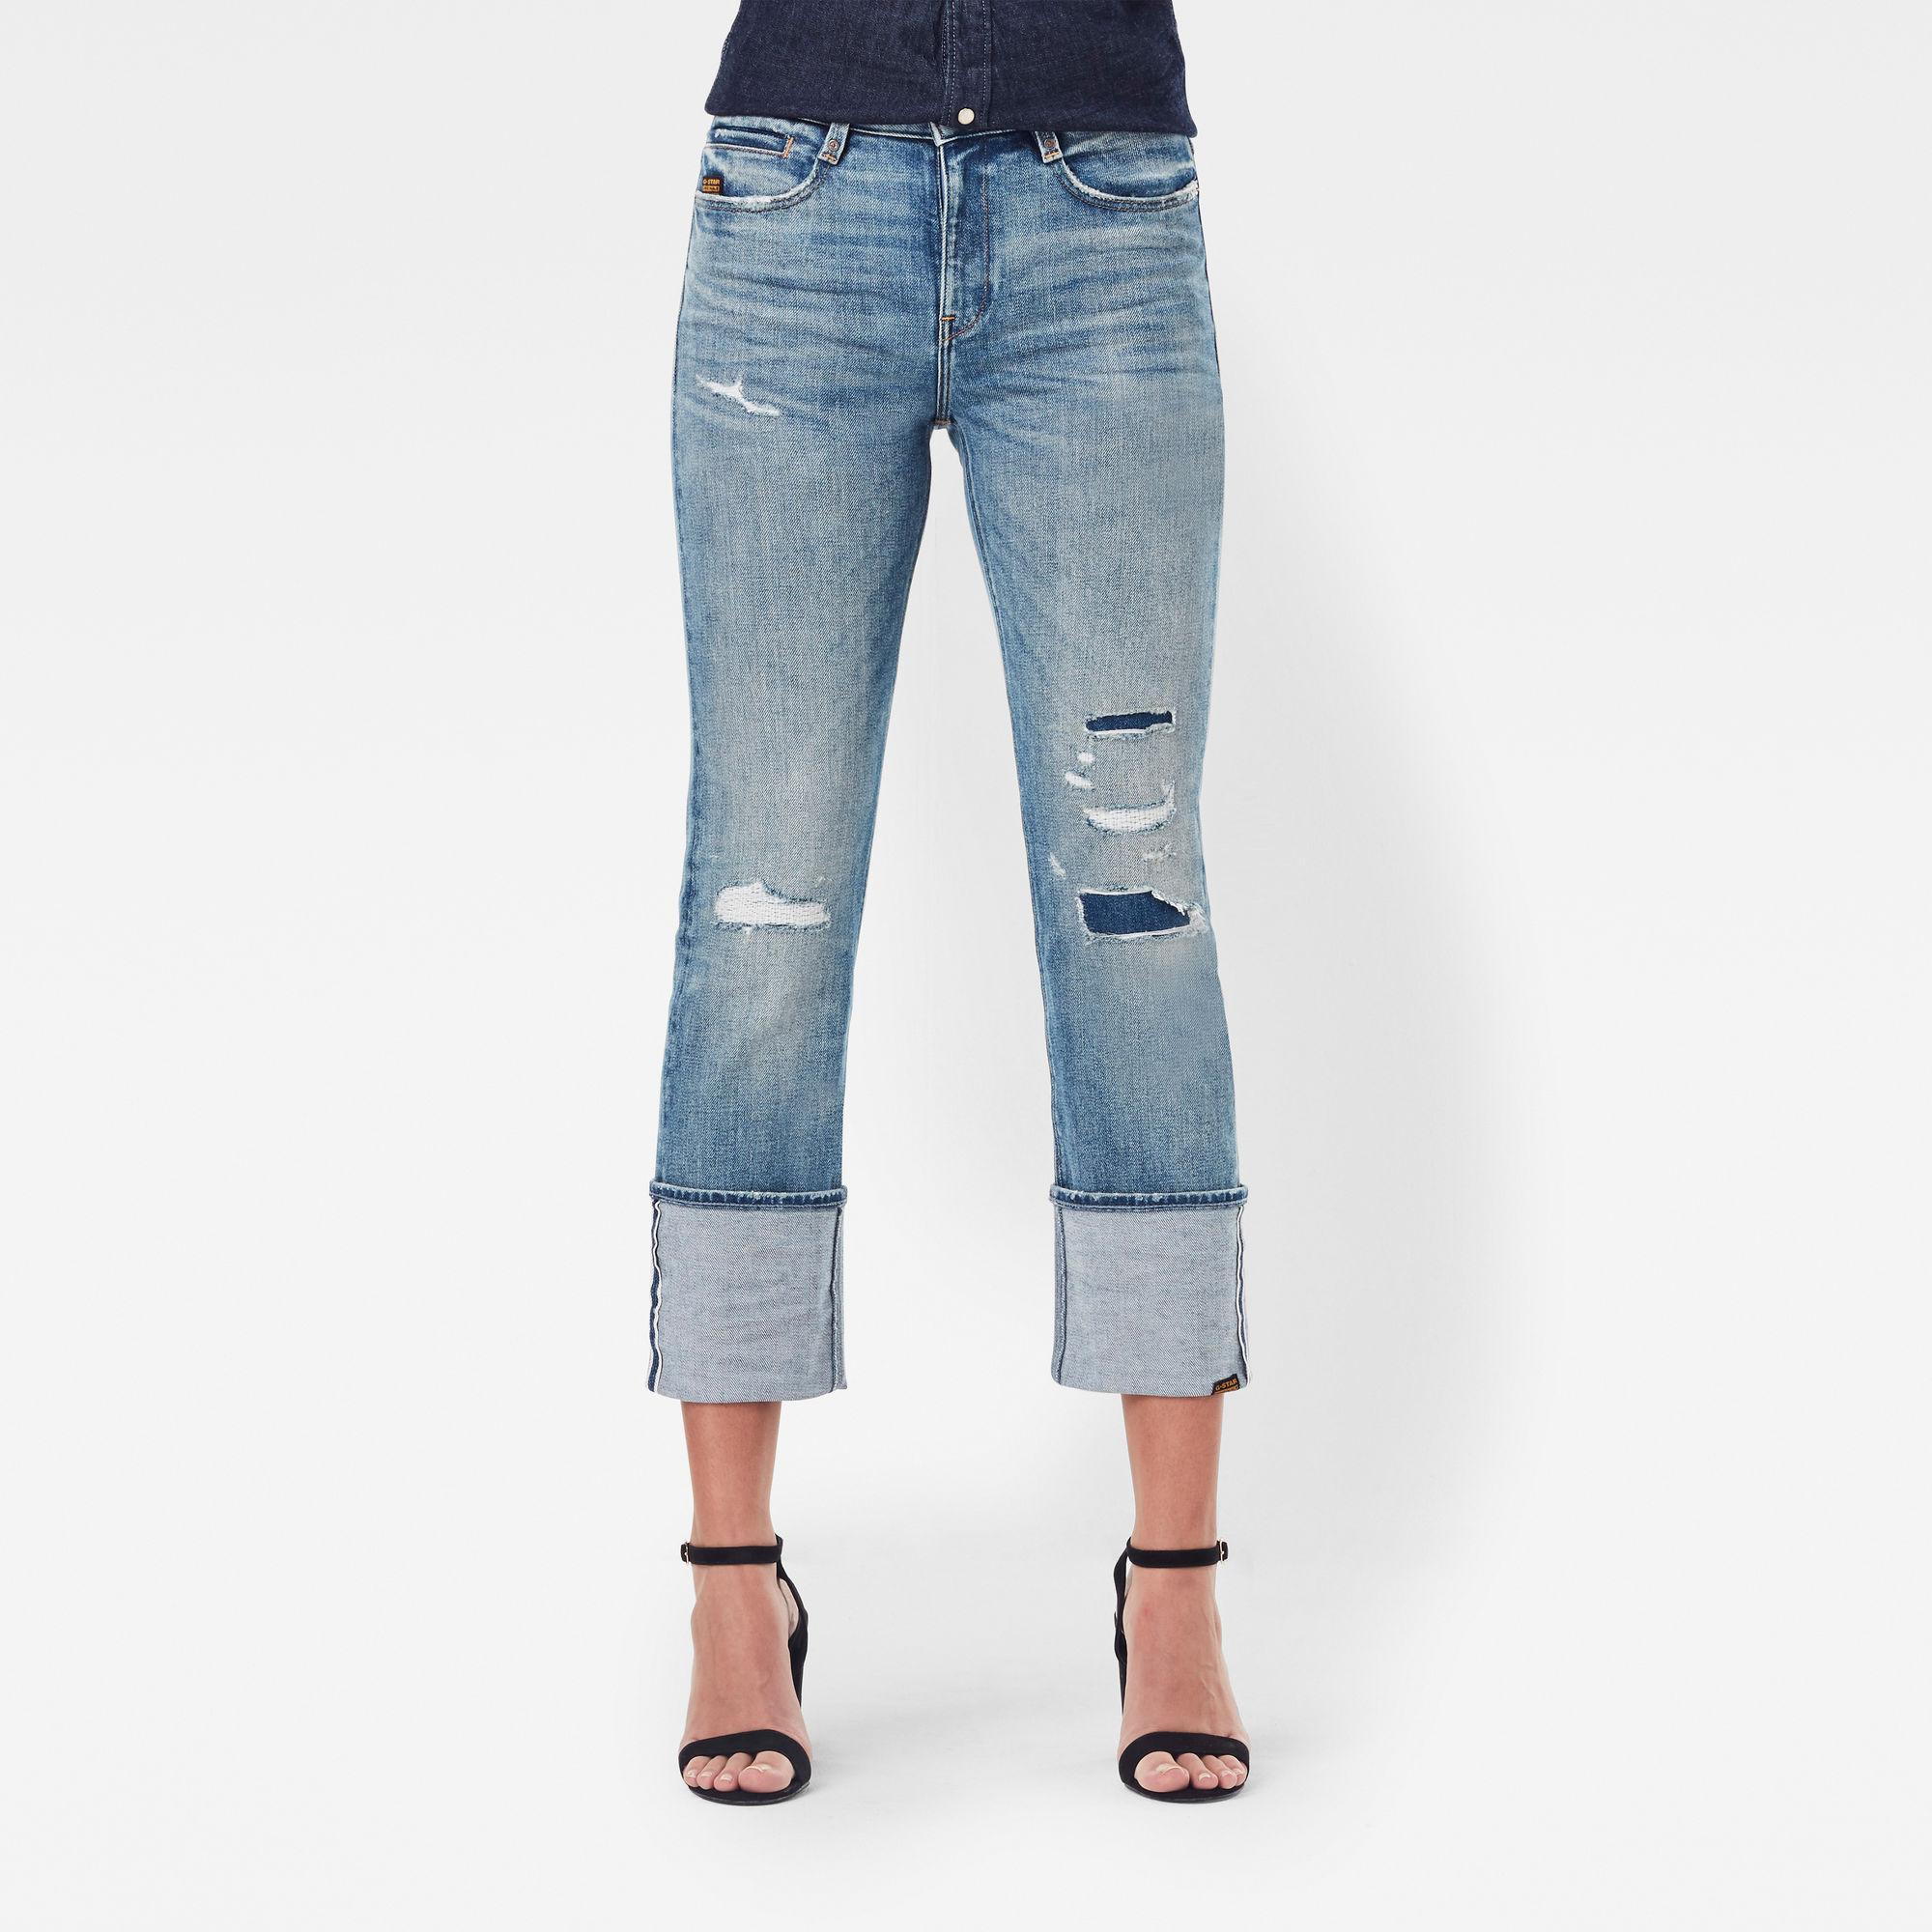 G-Star RAW Dames Noxer Straight Selvedge Jeans Lichtblauw